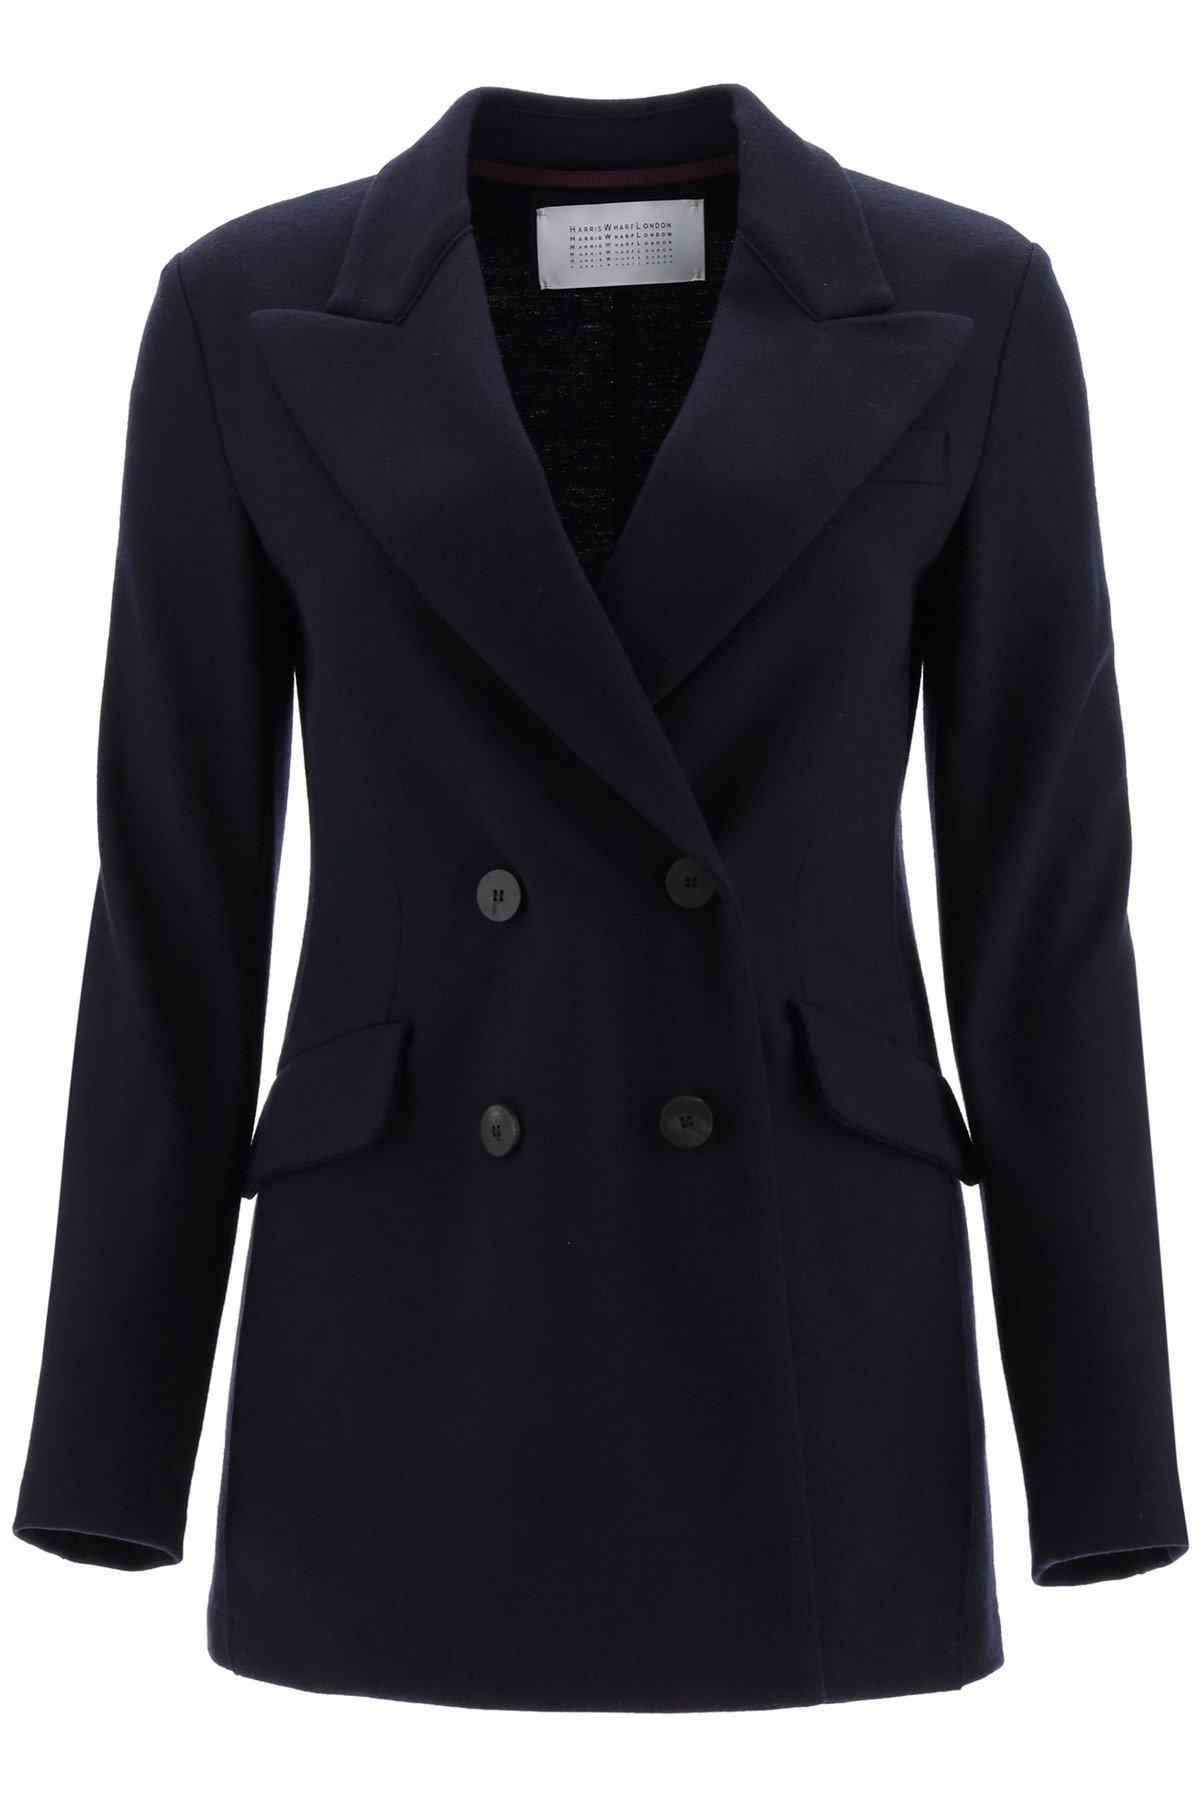 Harris wharf london giacca/maglia doppio petto